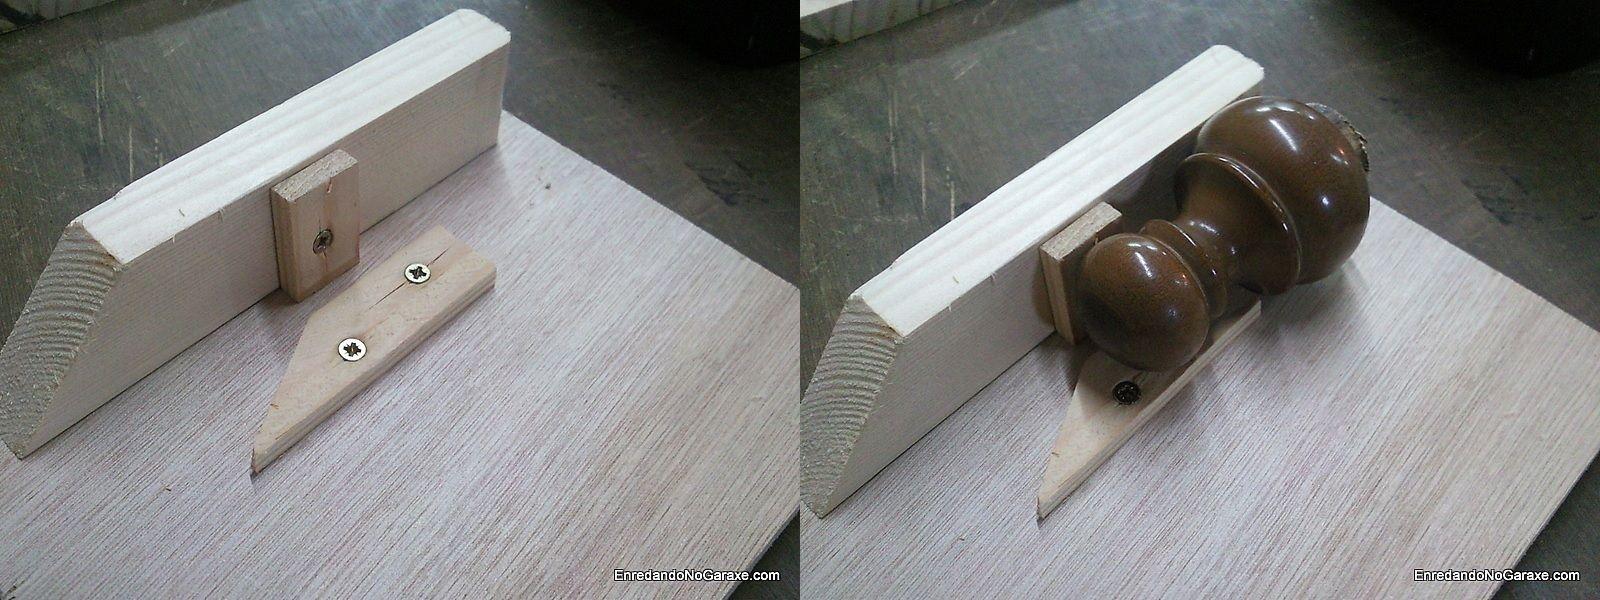 Topes para nivelar a pieza cortar